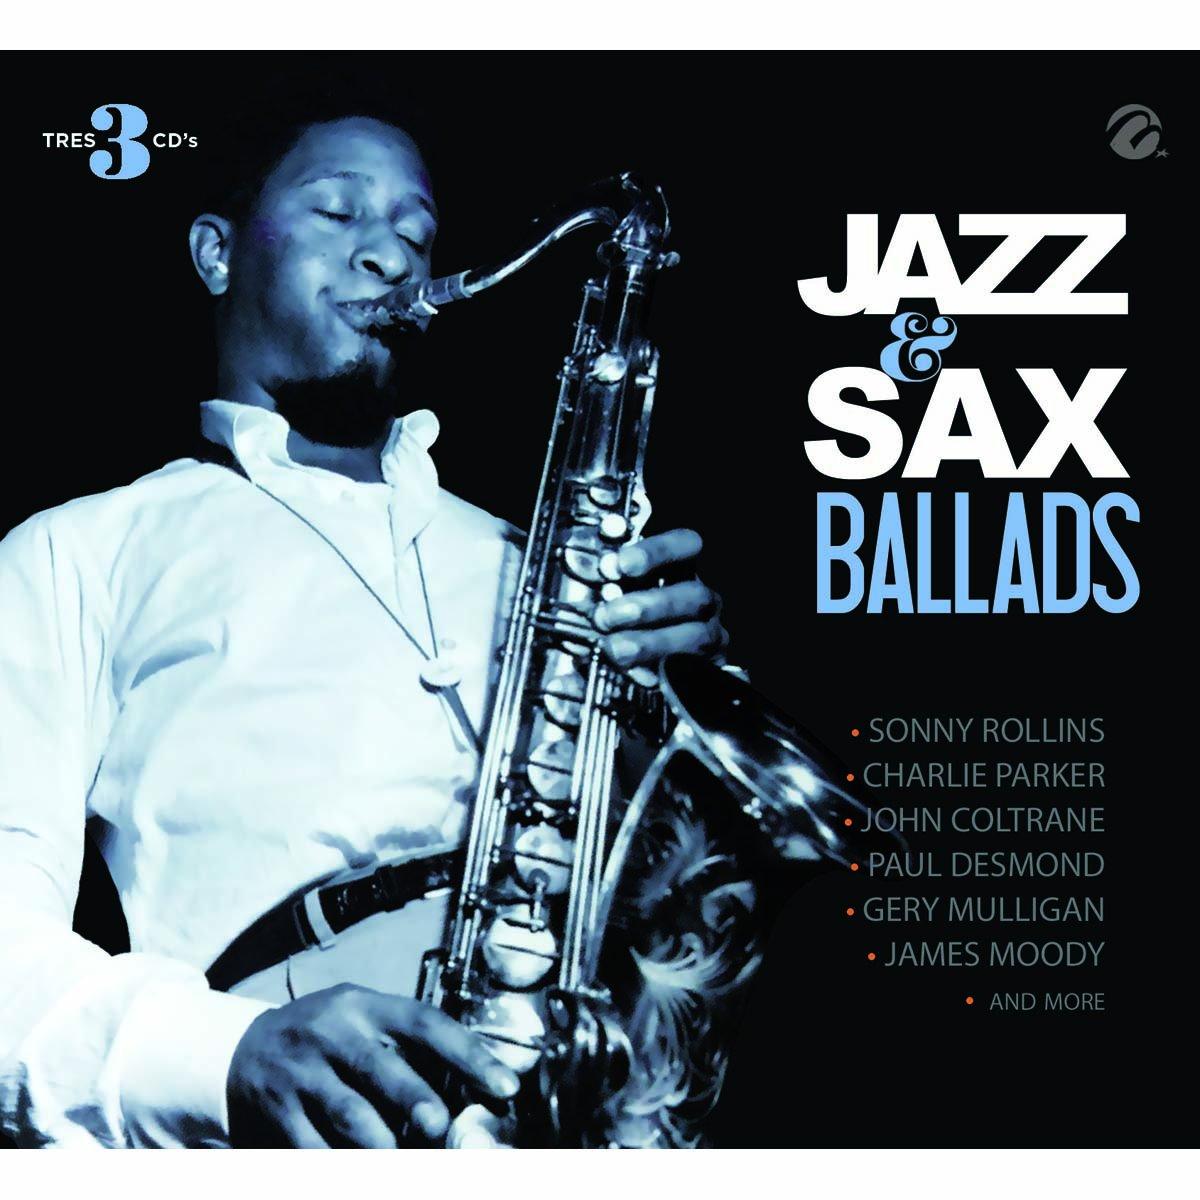 3 Cds Sax & Jazz Ballads